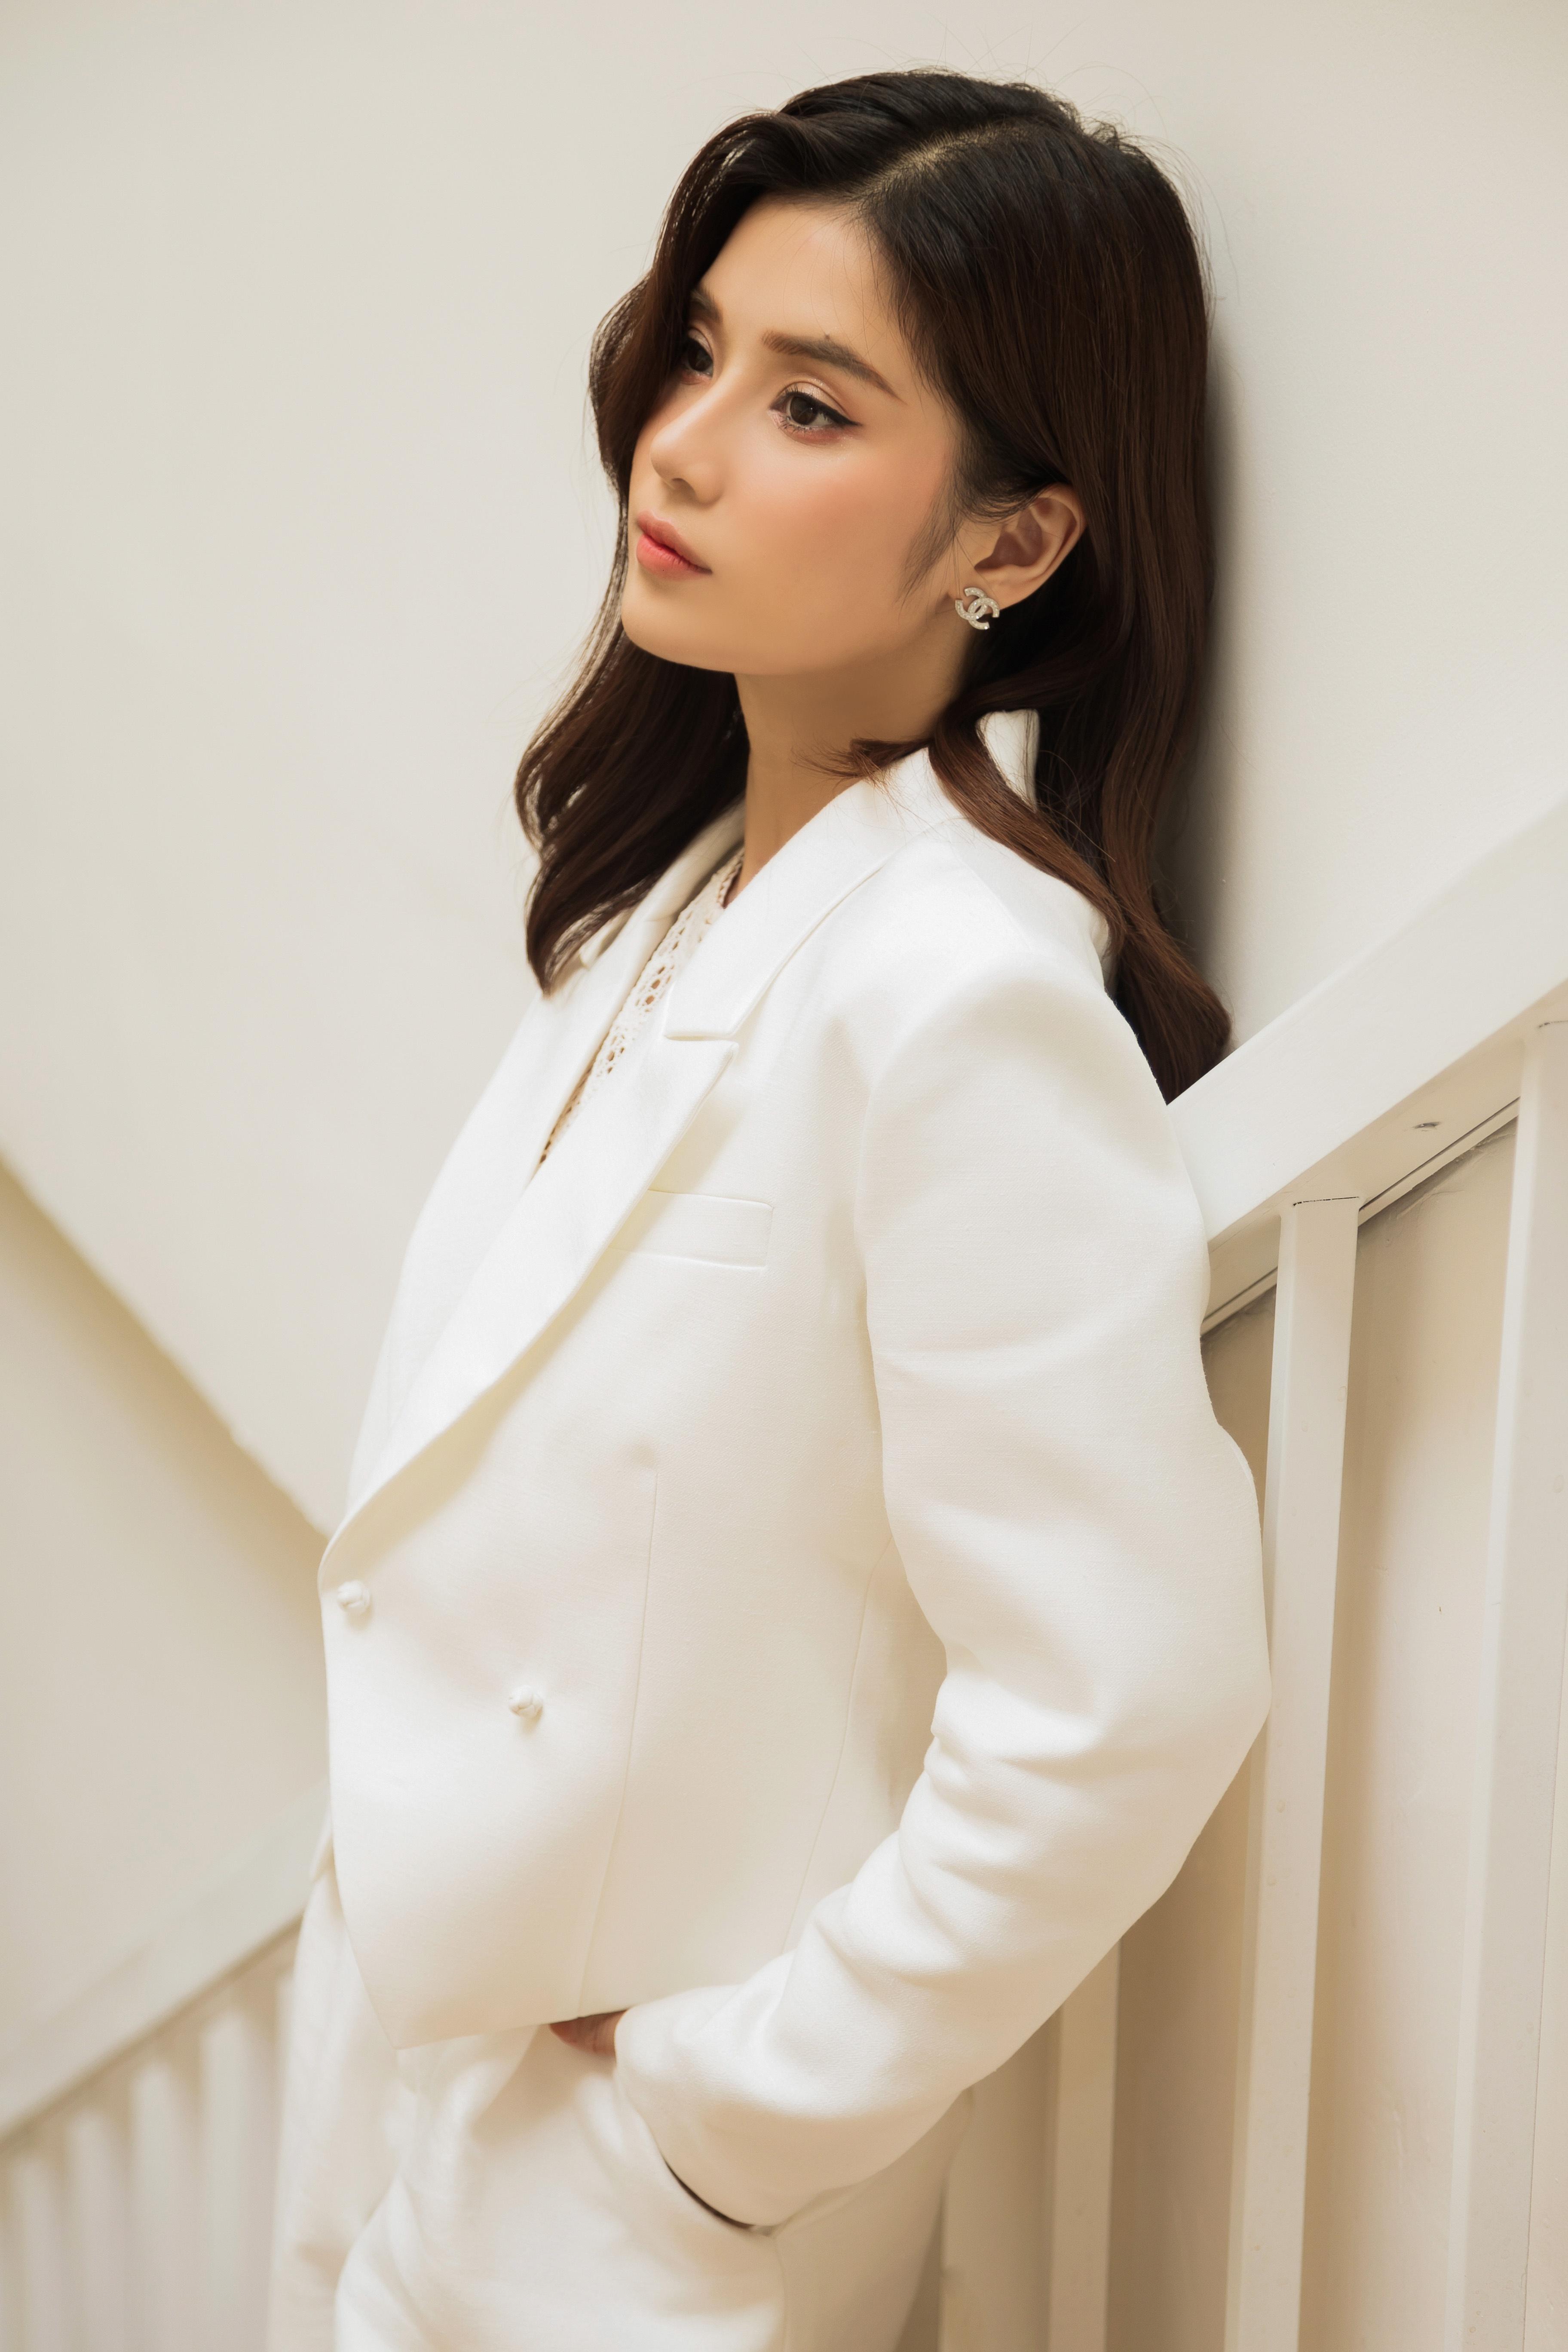 Hoang Yen Chibi anh 3